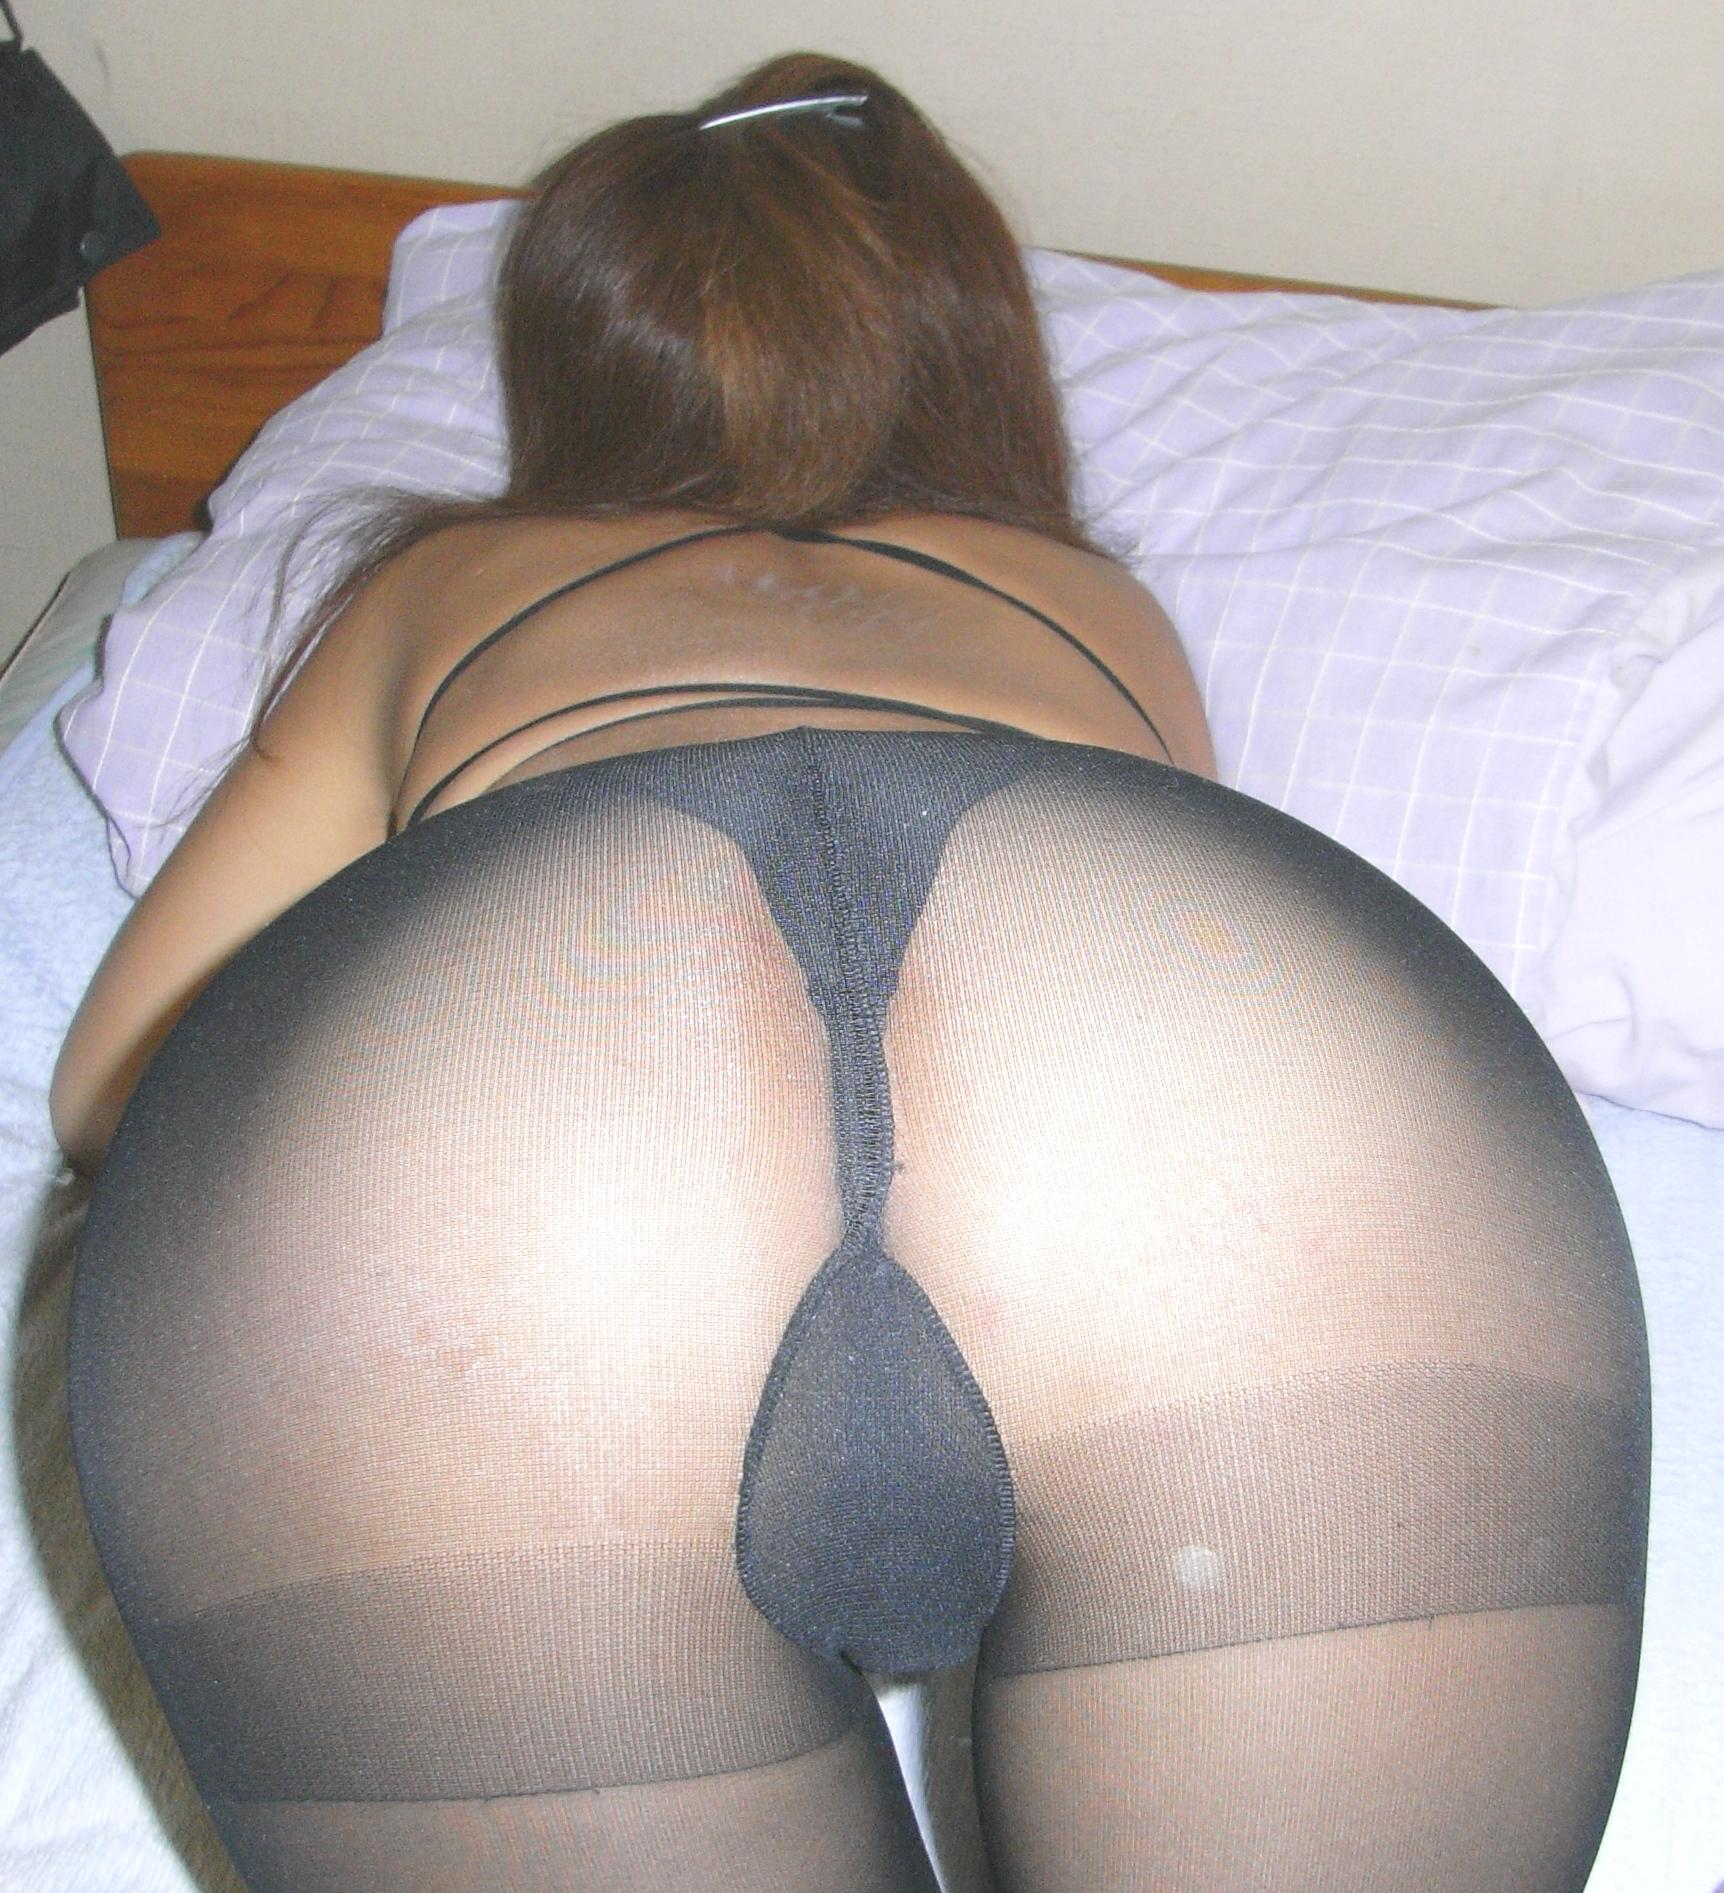 パンストに透ける彼女のパンツに興奮するフェチエロ画像 52